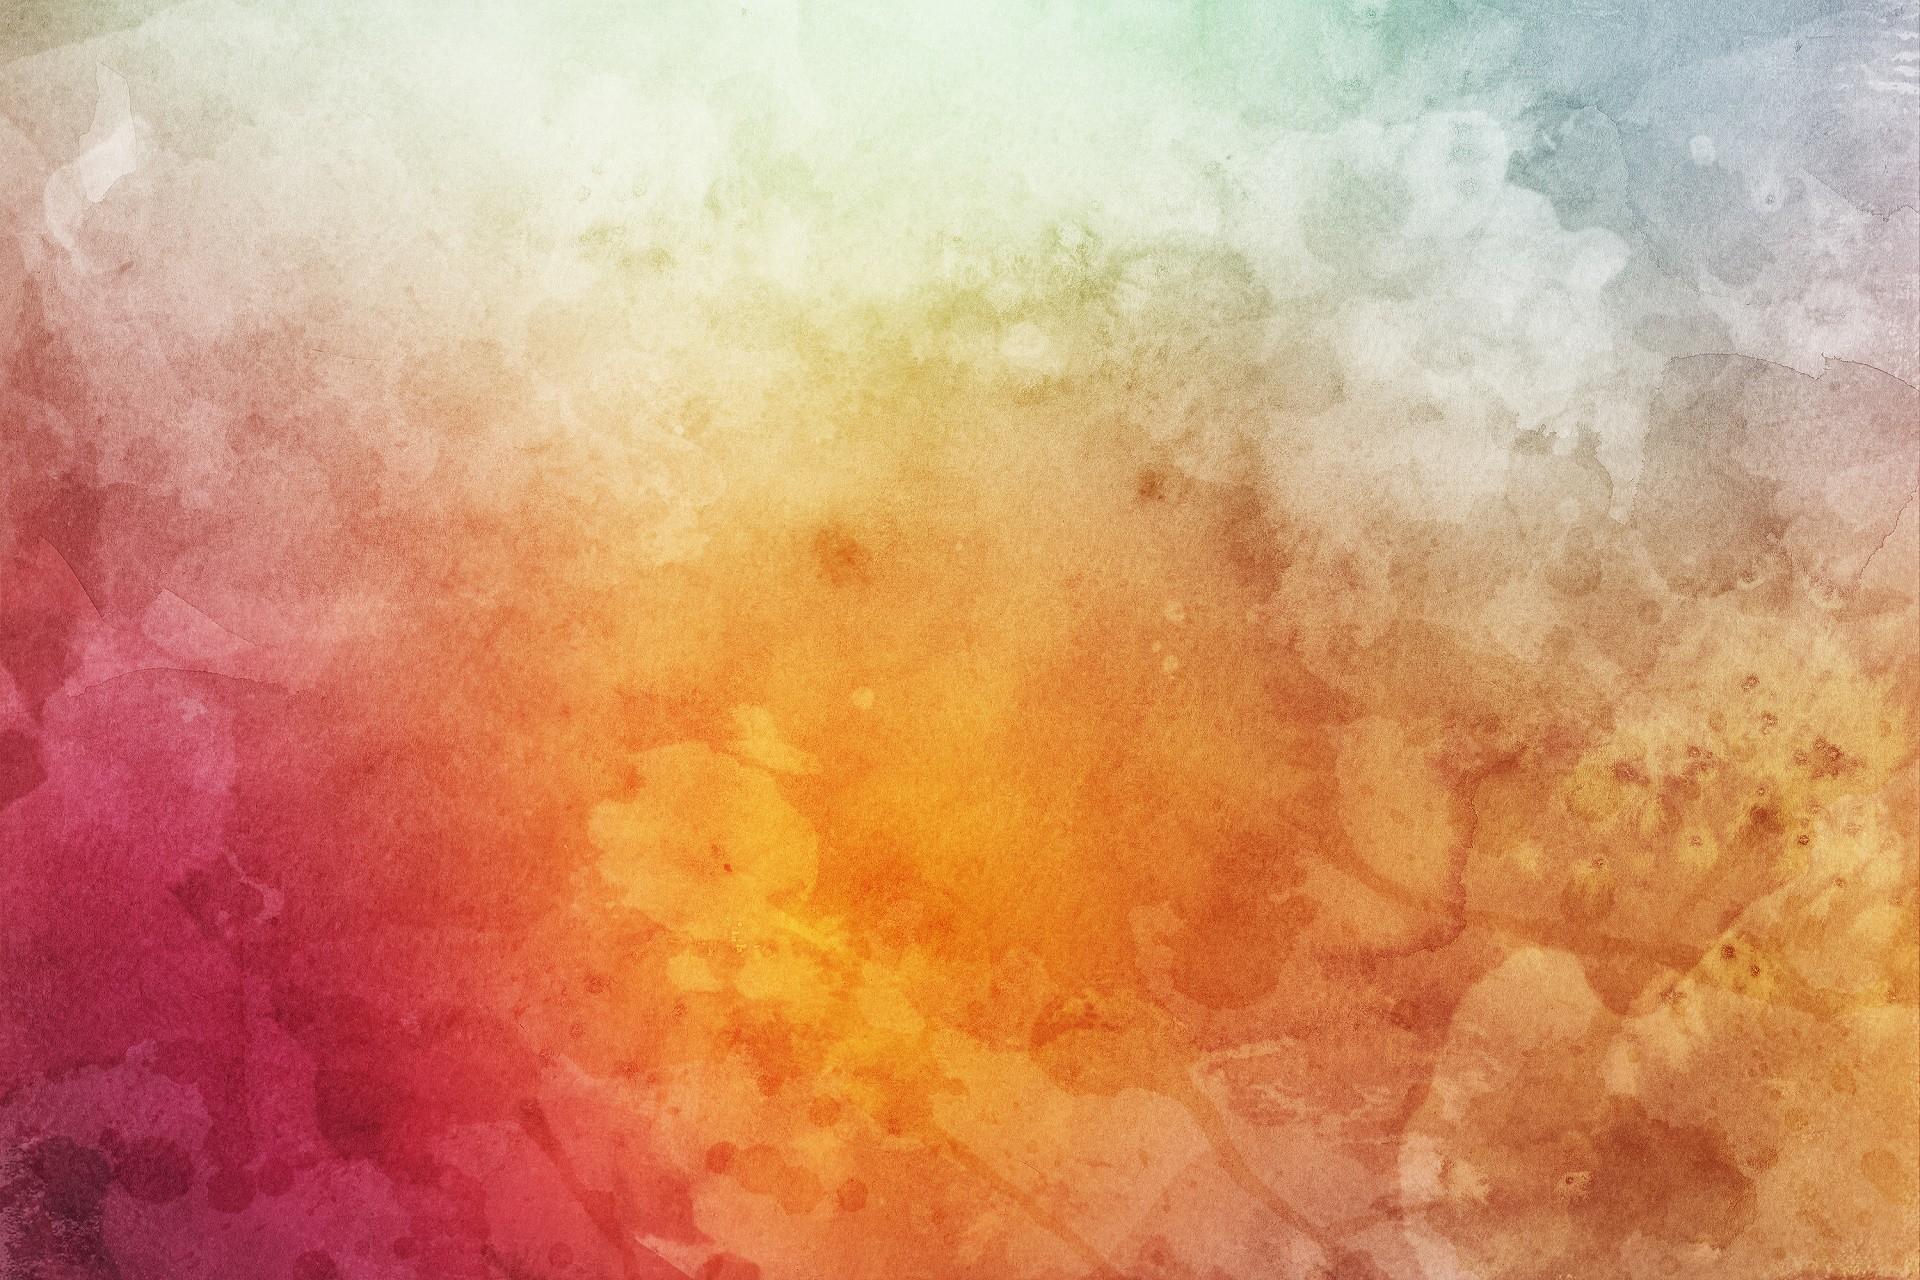 Orange Fall Peonies Wallpaper Watercolor Background Tumblr 183 ① Download Free Beautiful